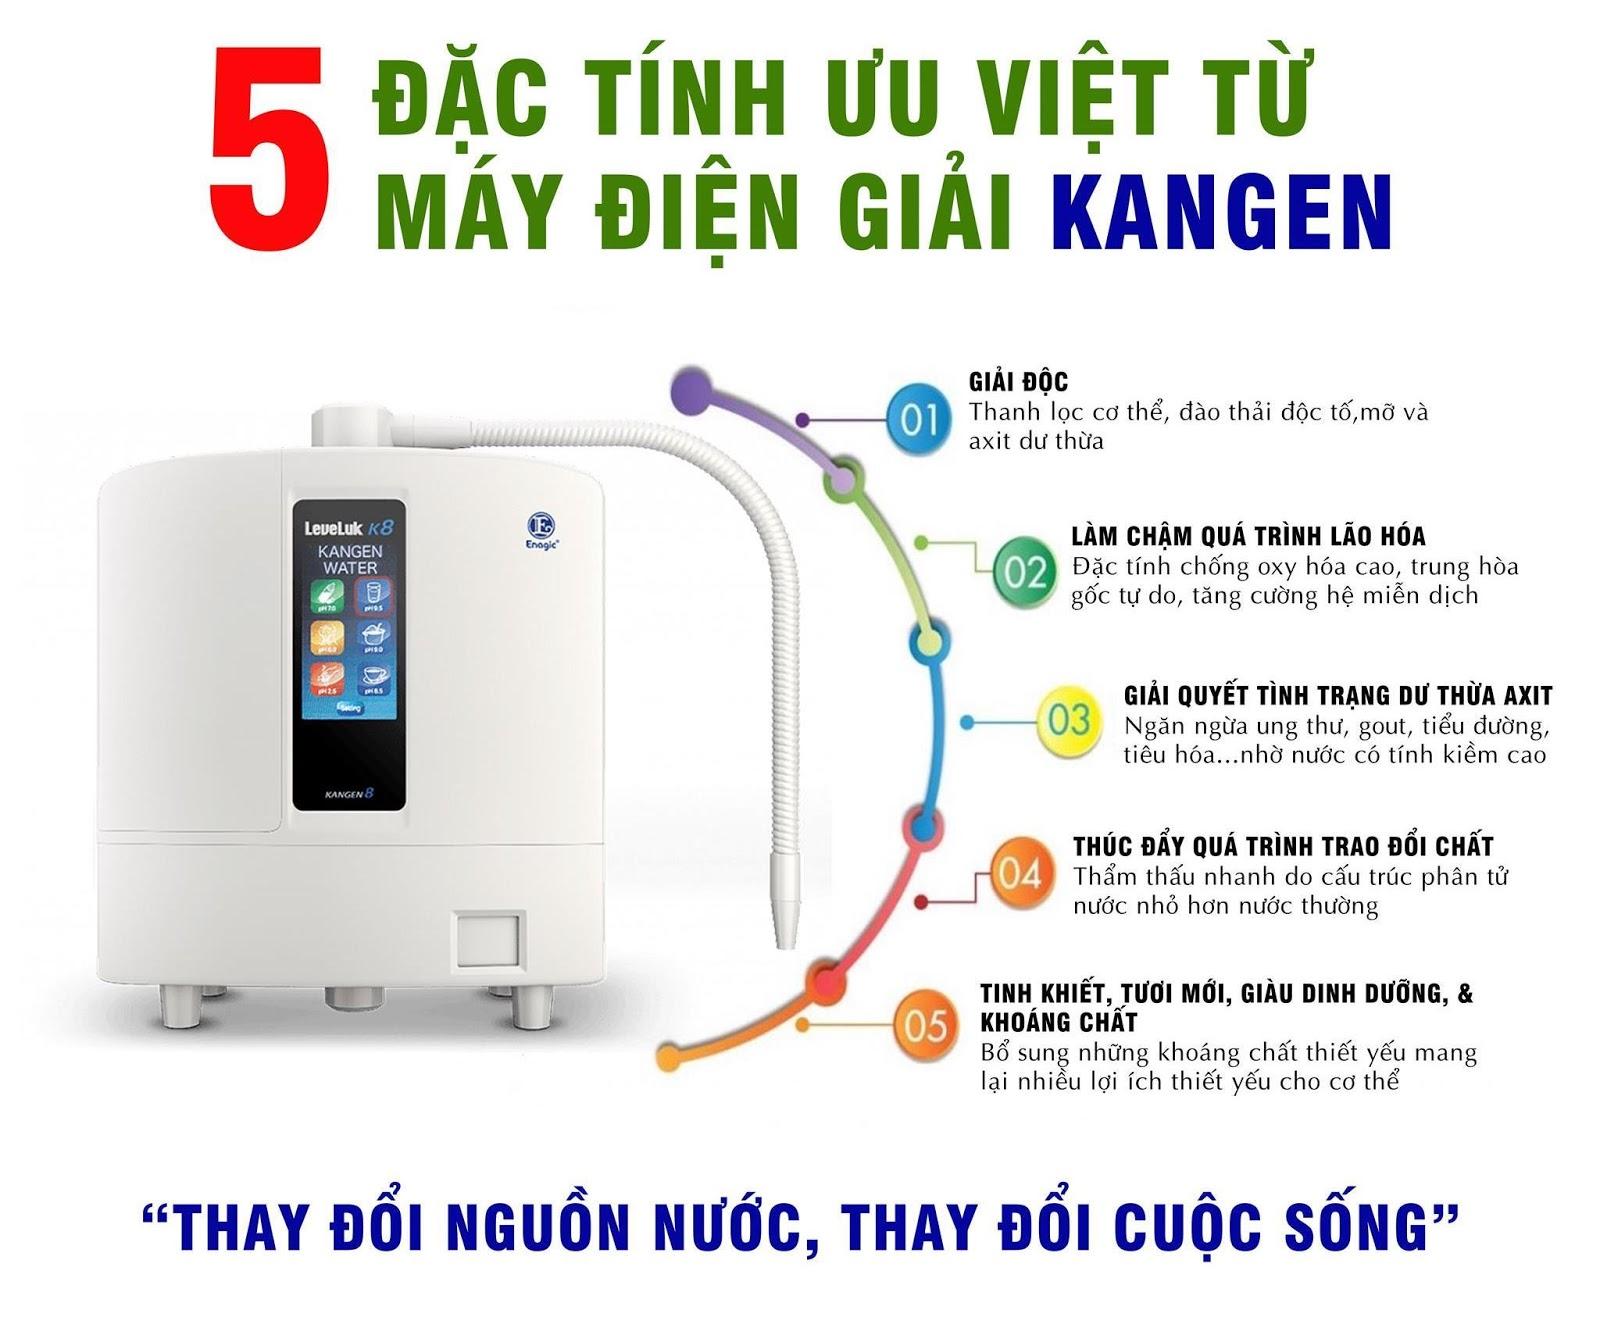 Các ưu việt khi sử dụng máy lọc nước Kangen